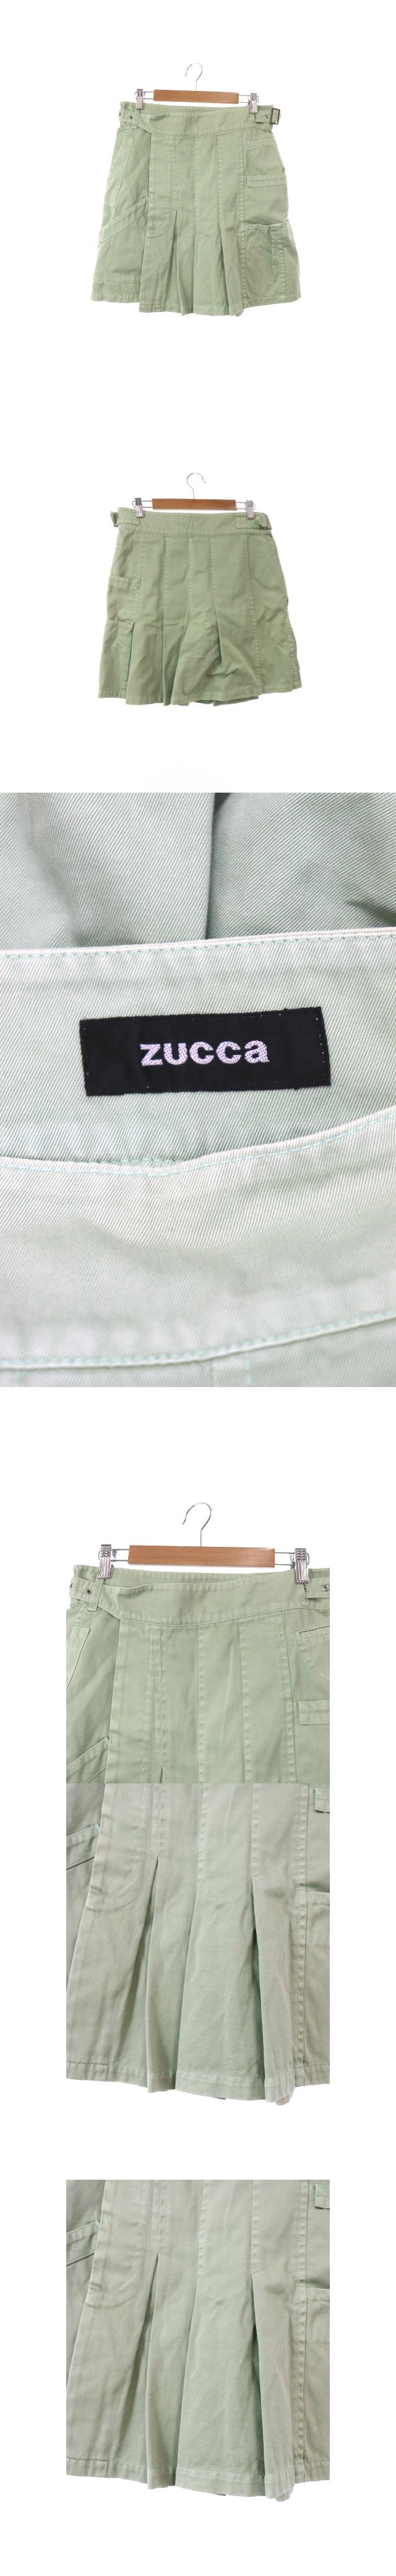 スカート ラップ ボックスプリーツ ひざ丈 S 緑 グリーン /MK